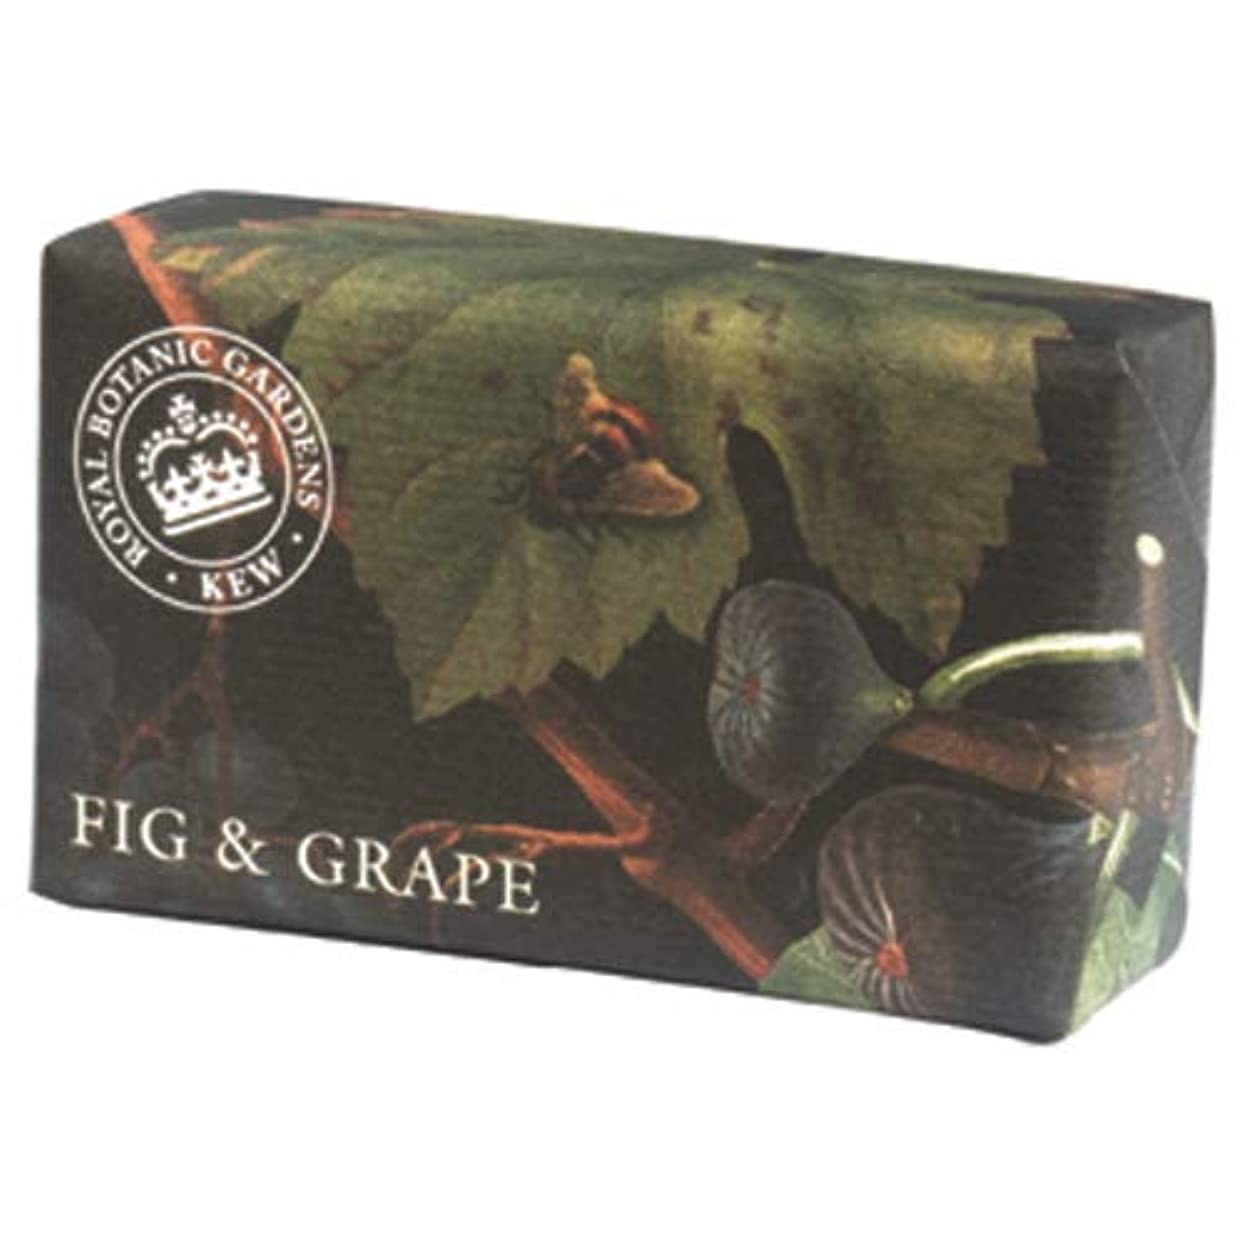 ブリーフケース複製する謝罪English Soap Company イングリッシュソープカンパニー KEW GARDEN キュー?ガーデン Luxury Shea Soaps シアソープ Fig & Grape フィグ&グレープ